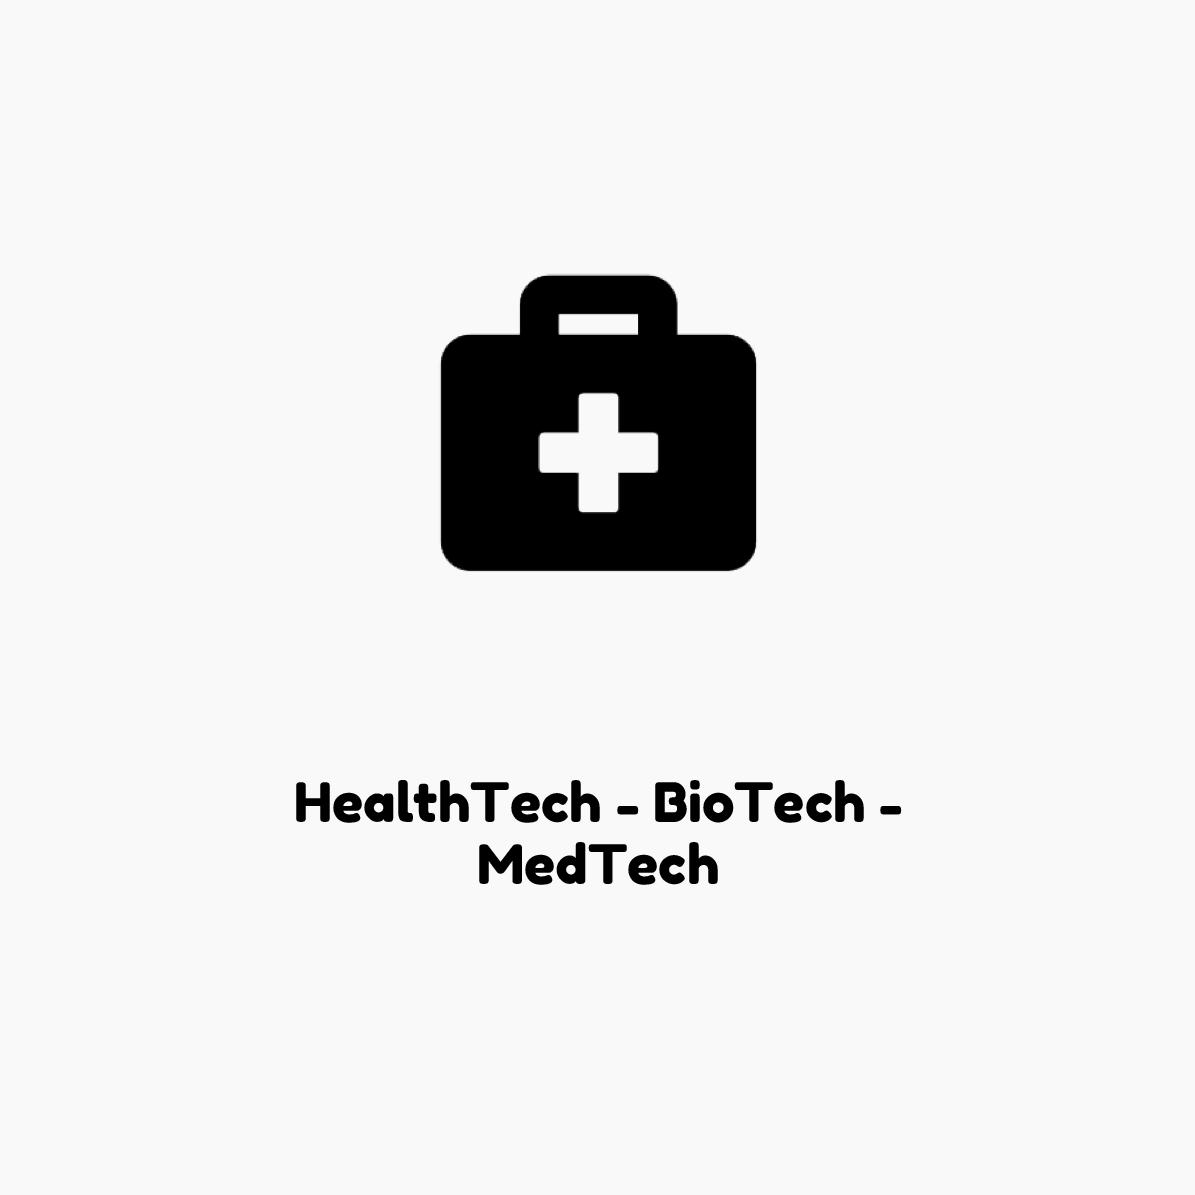 HealthTech BioTech MedTech